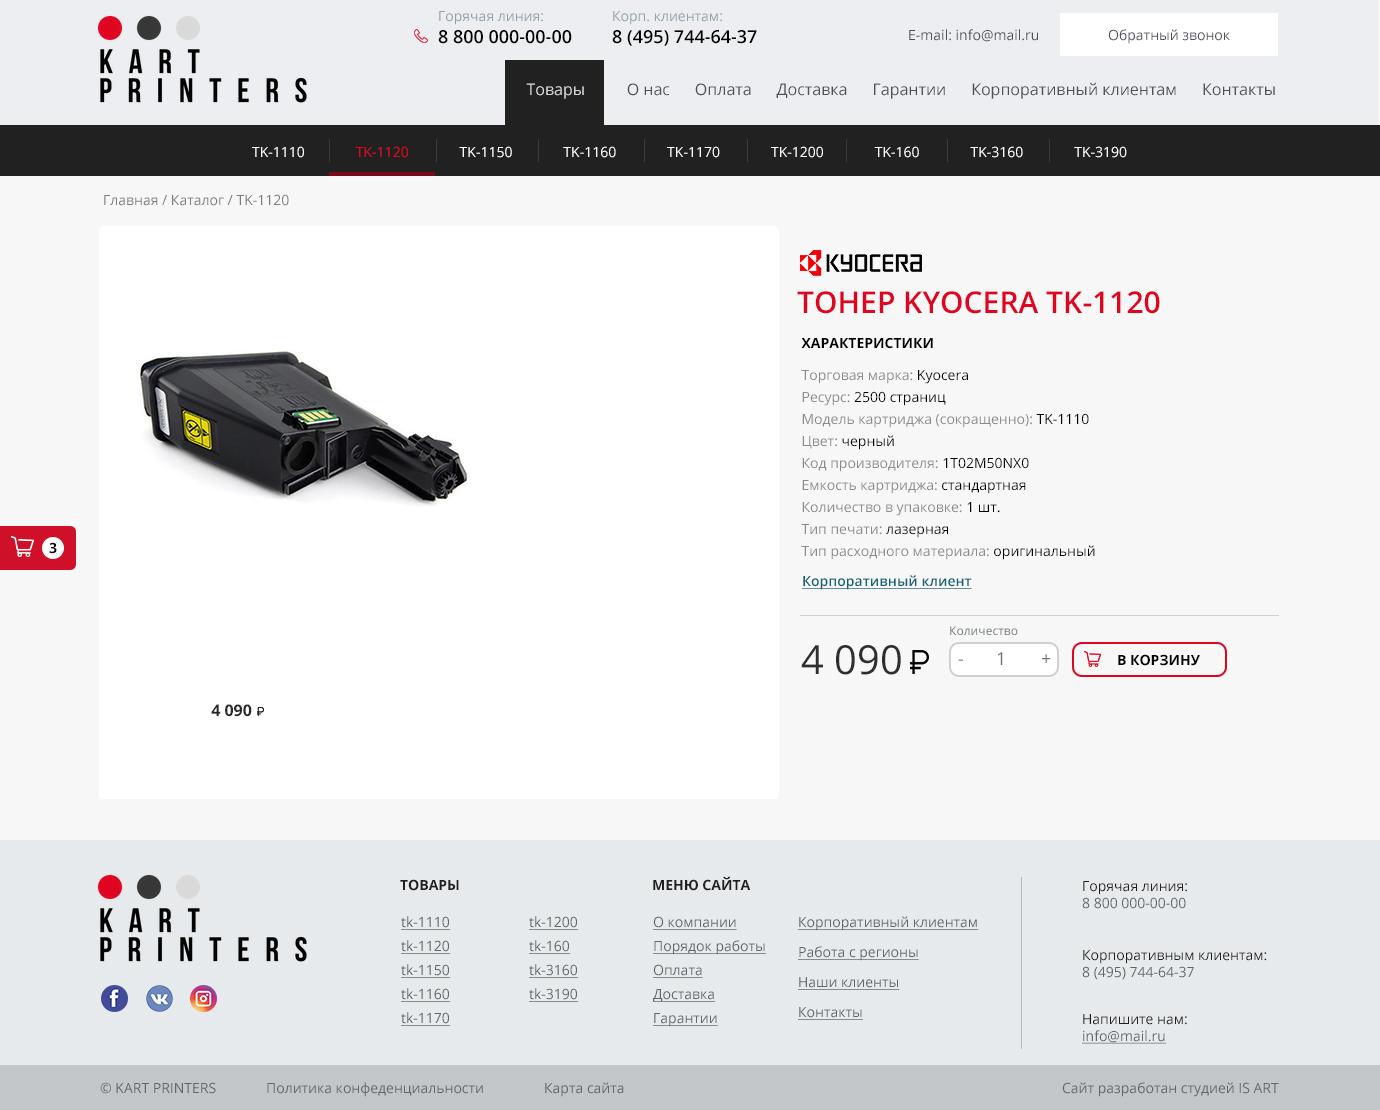 Макет сайта Продажа картриджей Kyocera 4